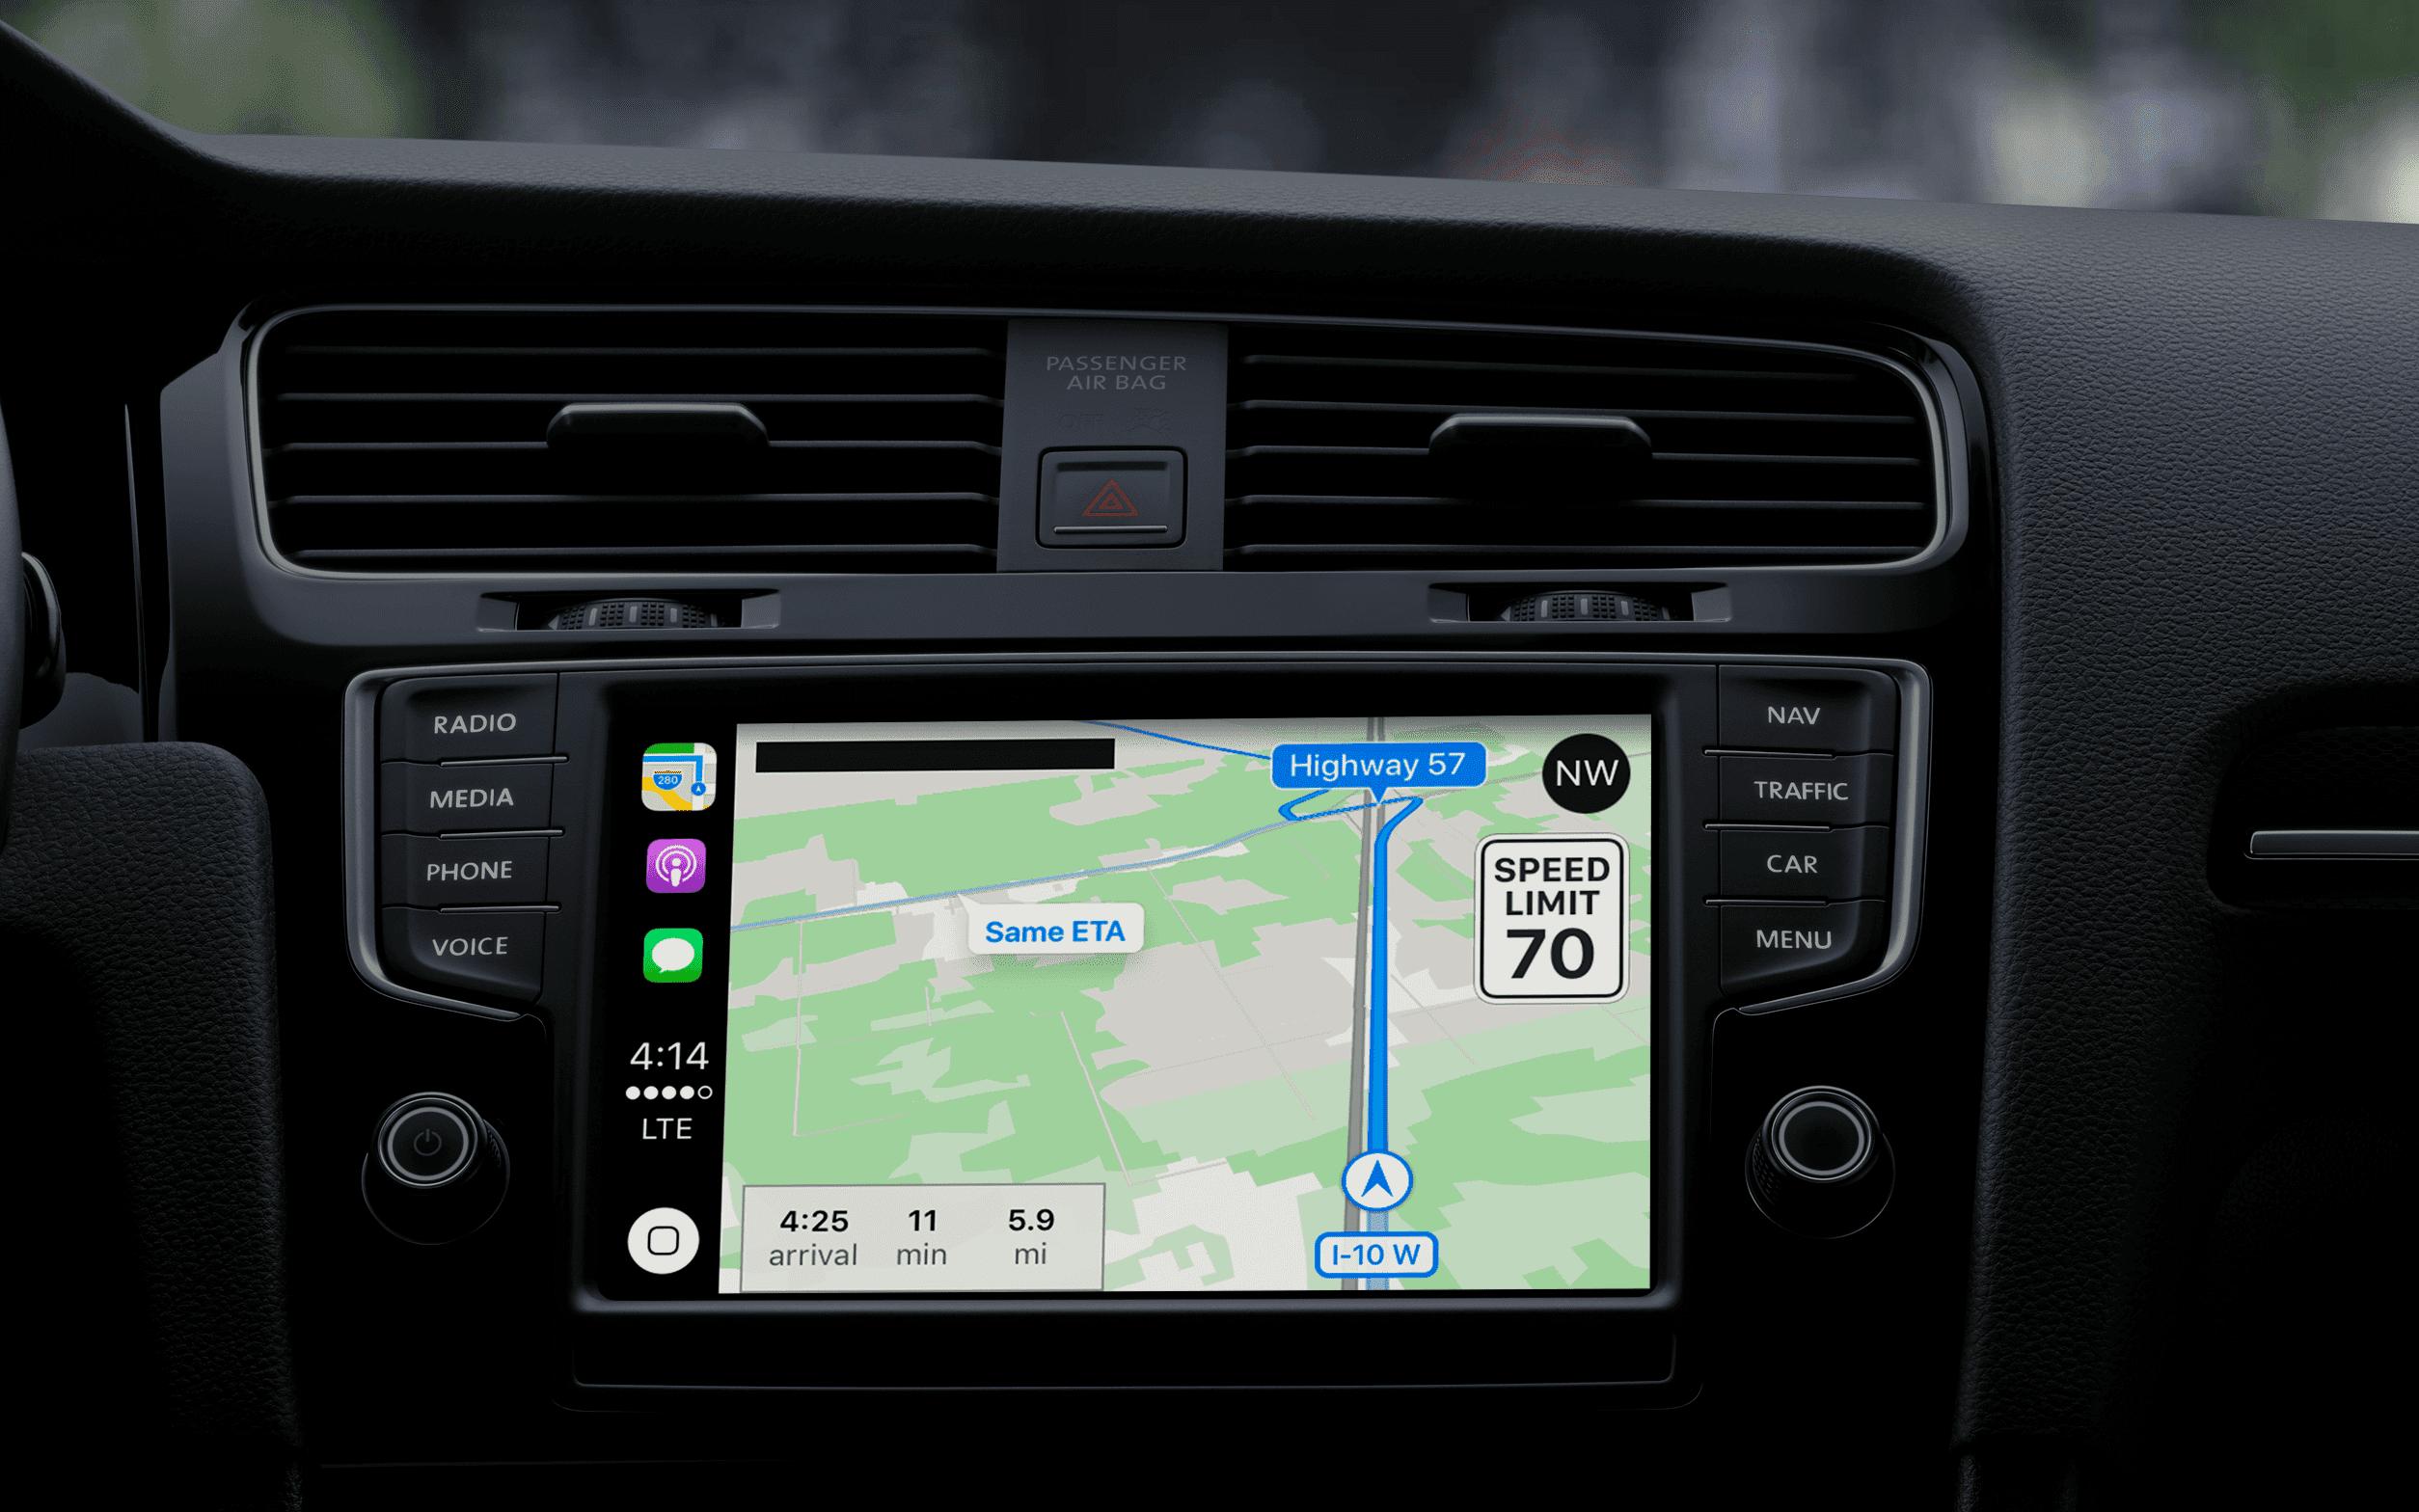 Apple Maps on CarPlay